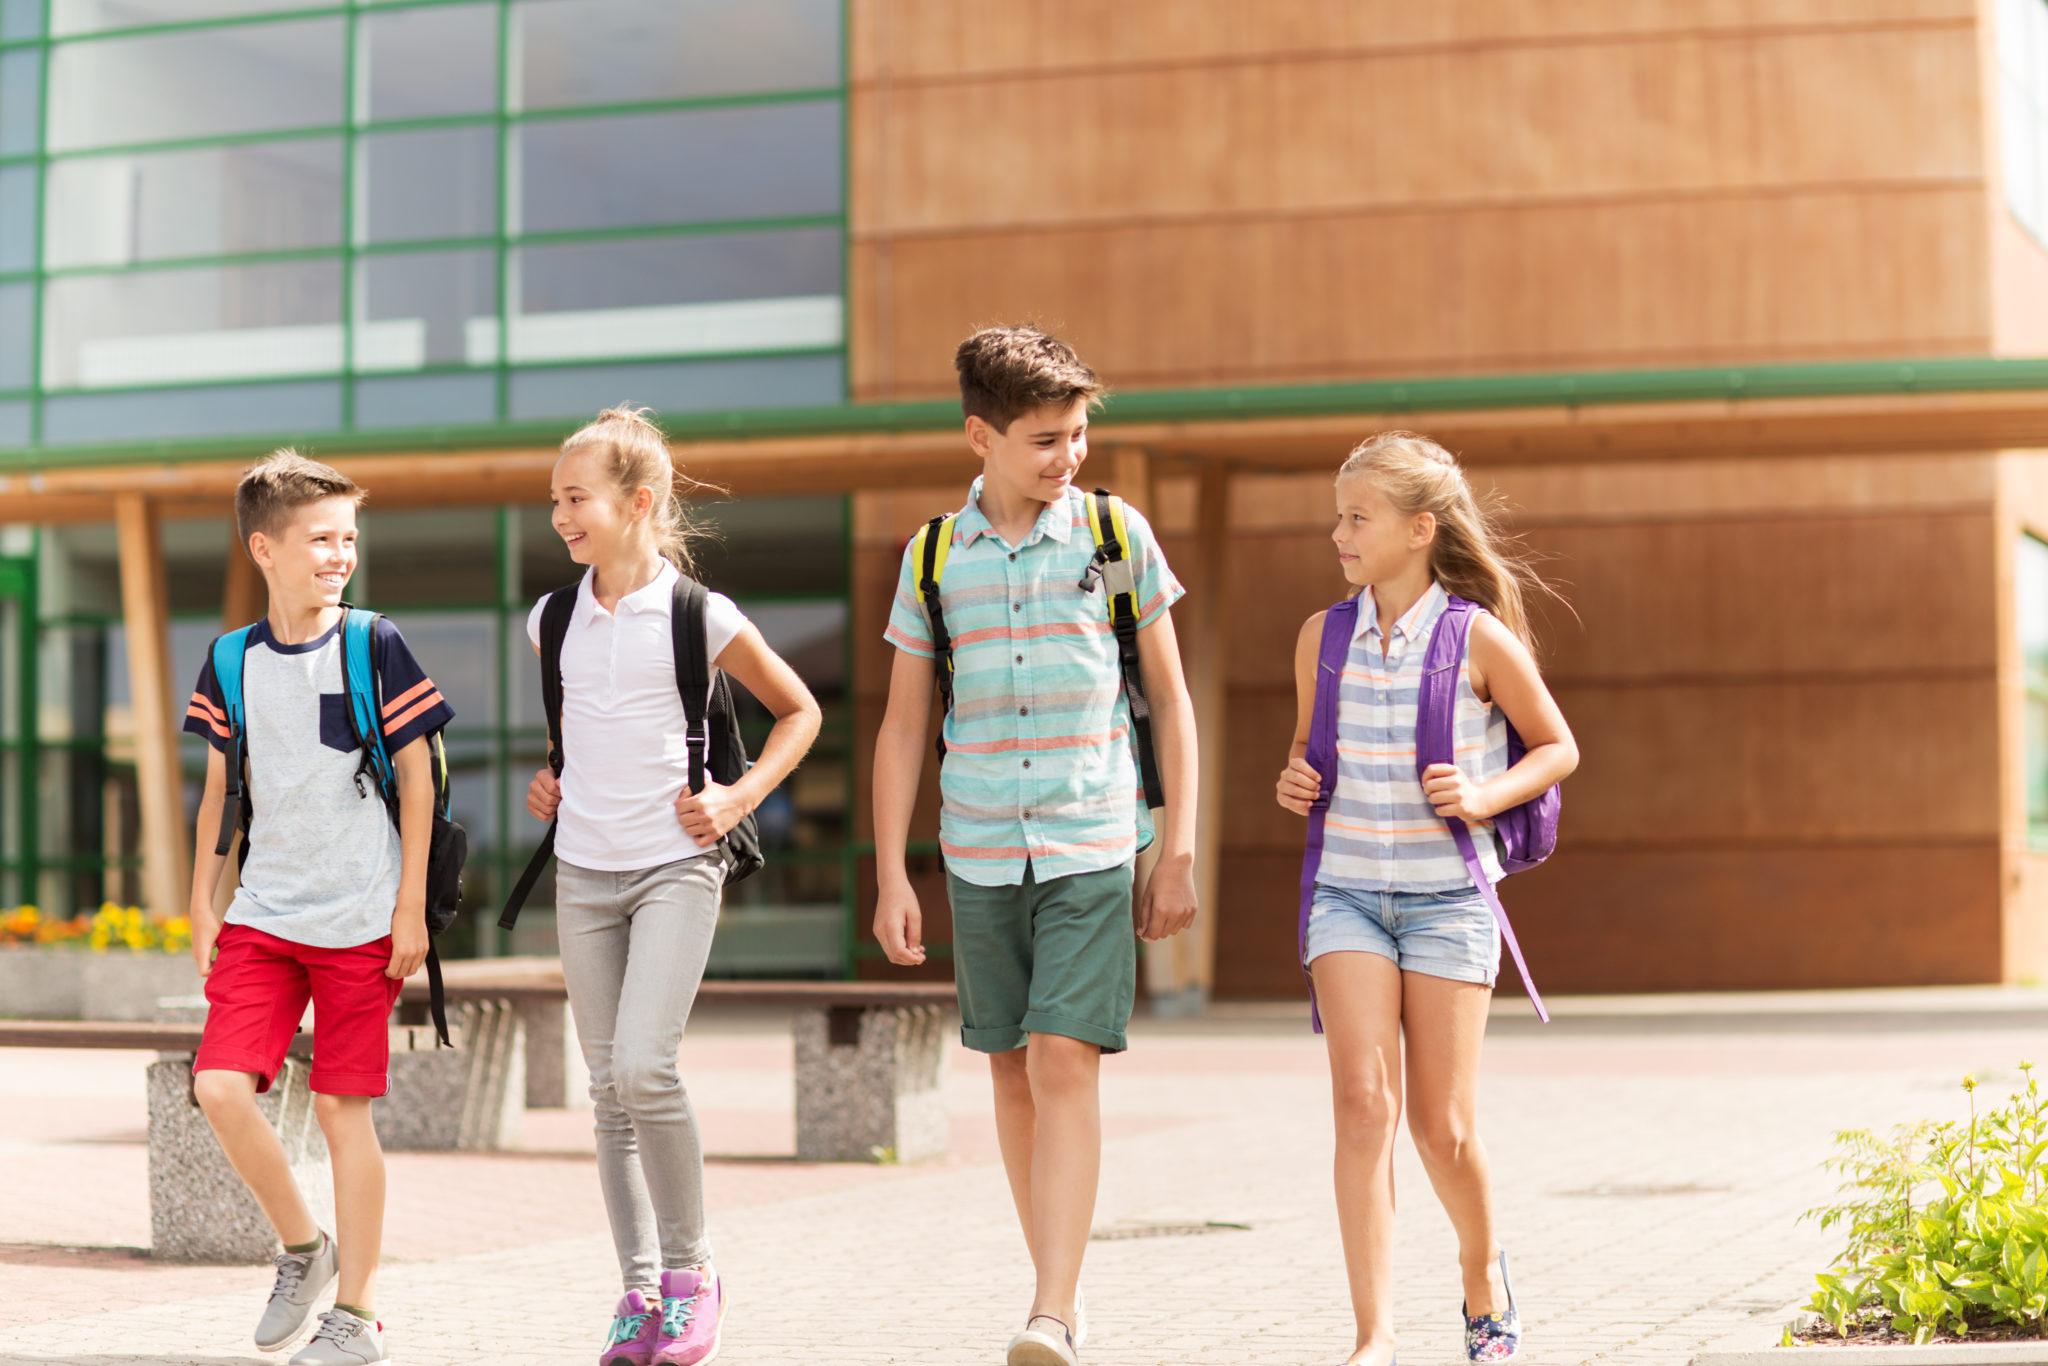 kinderen met rugzak lopen op schoolplein